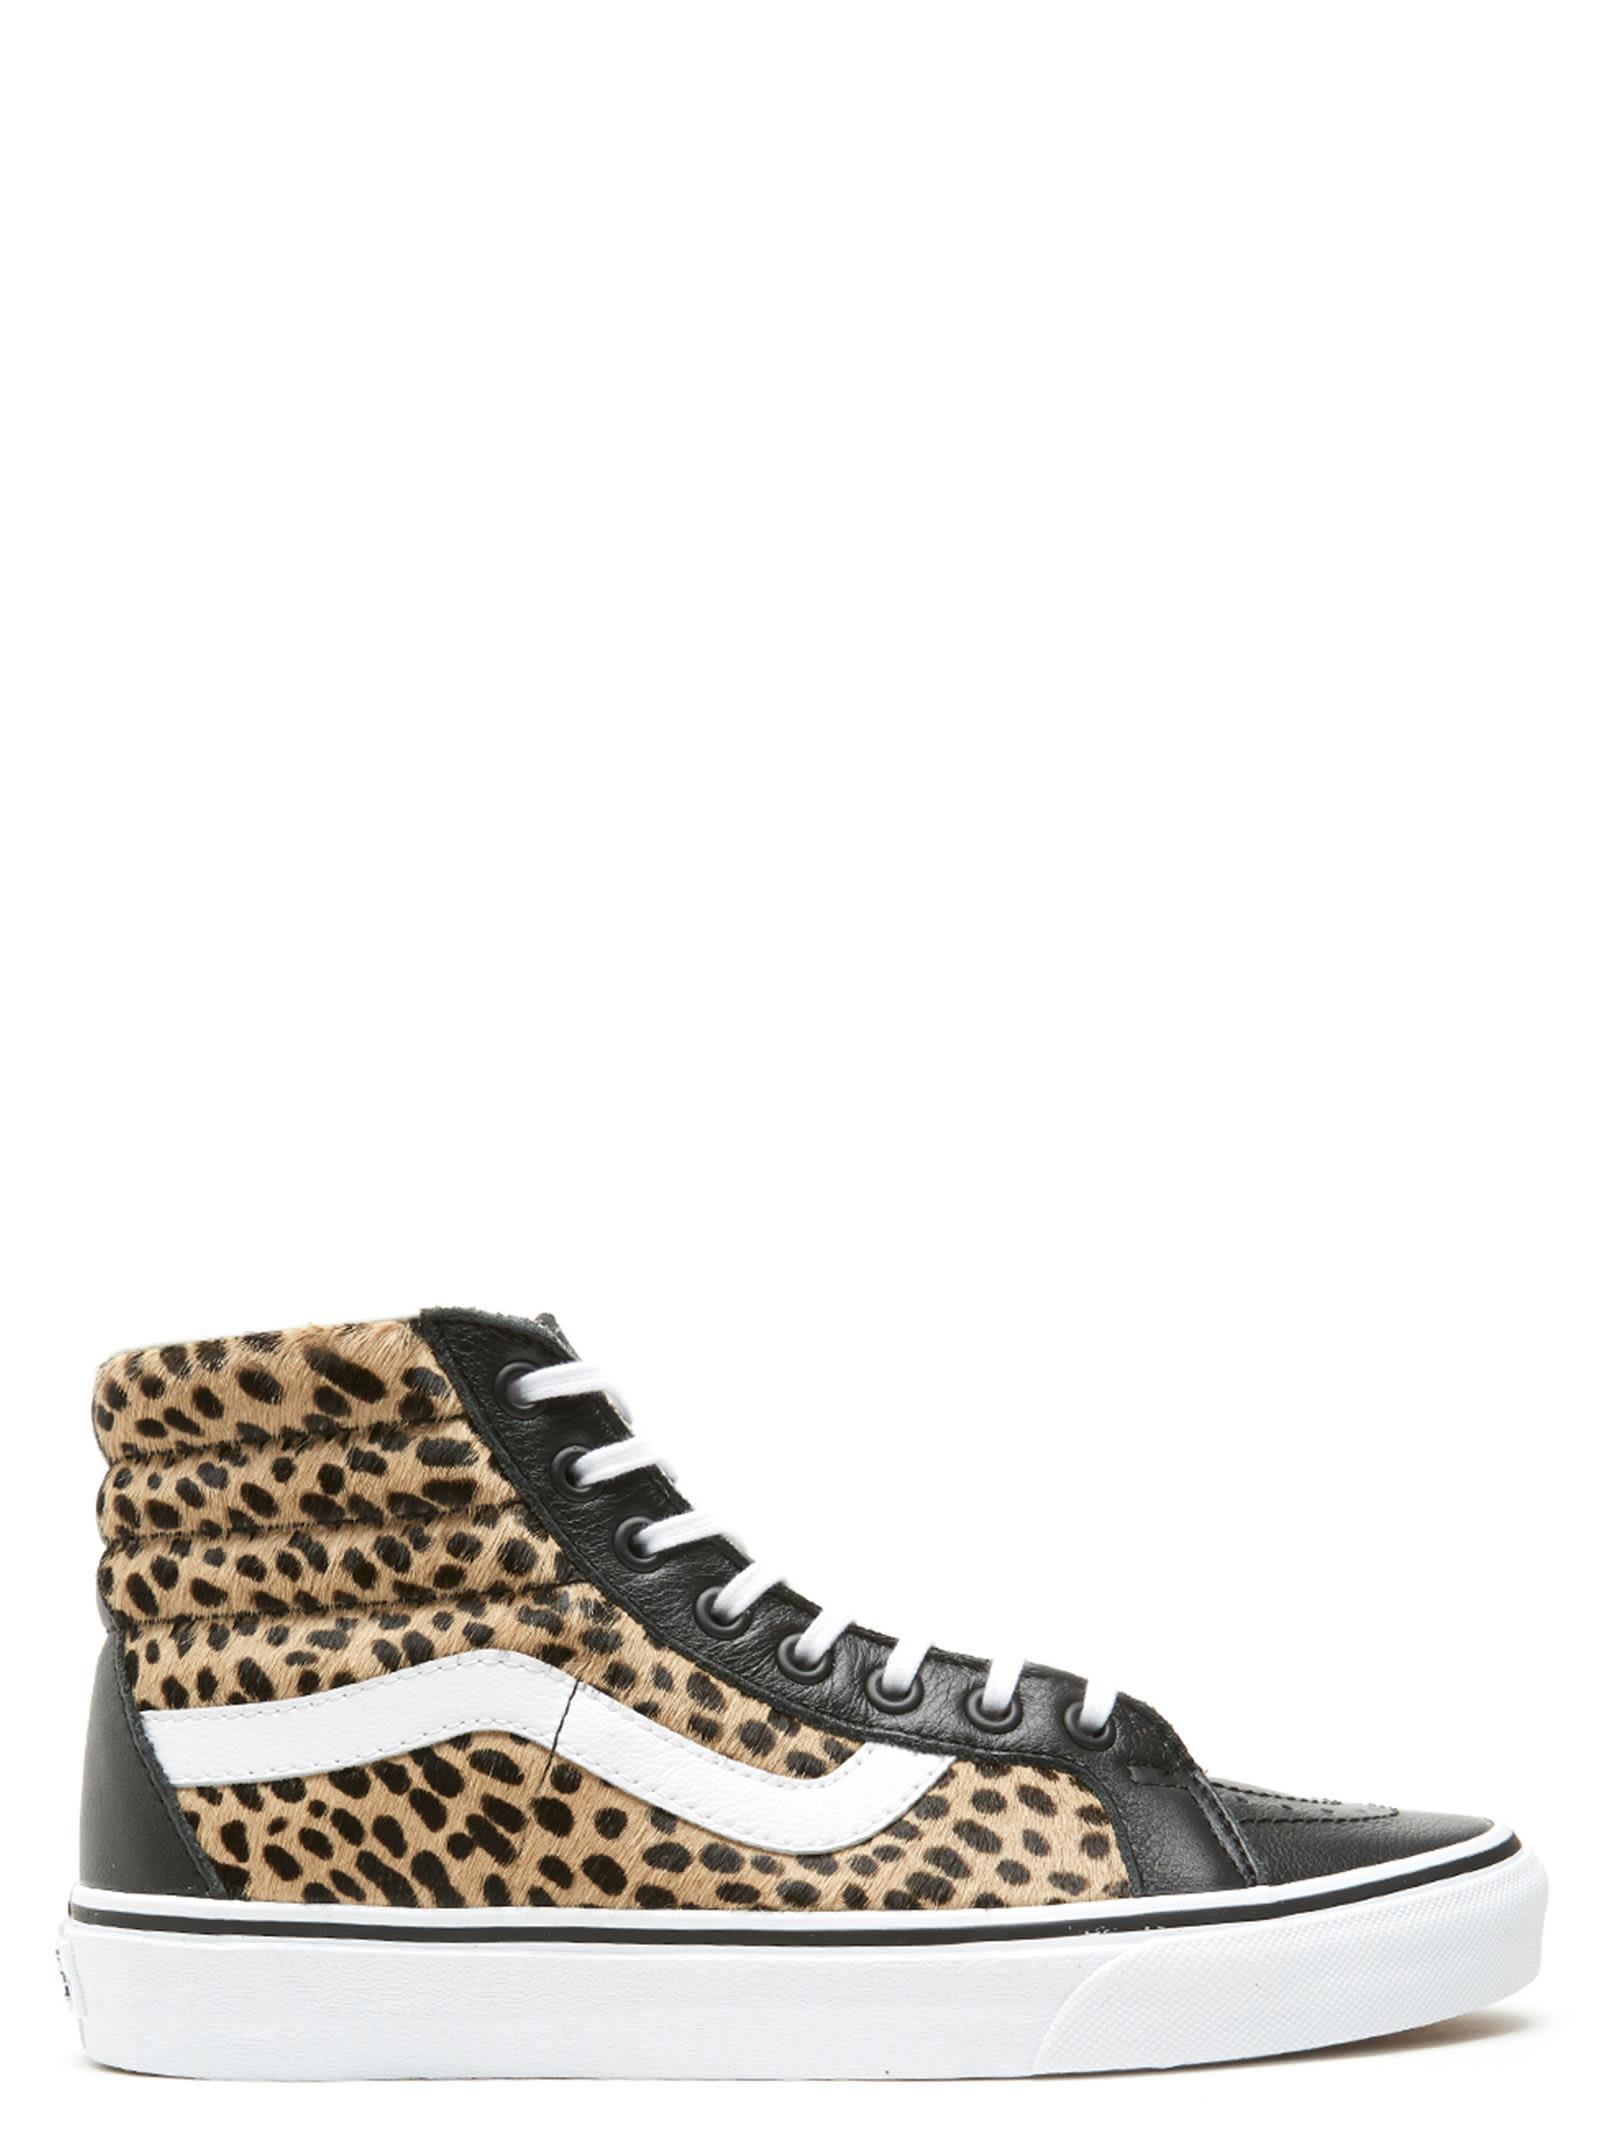 c939c88673 Vans Vans  sk8-hi Reissue  Shoes - Multicolor - 10746185